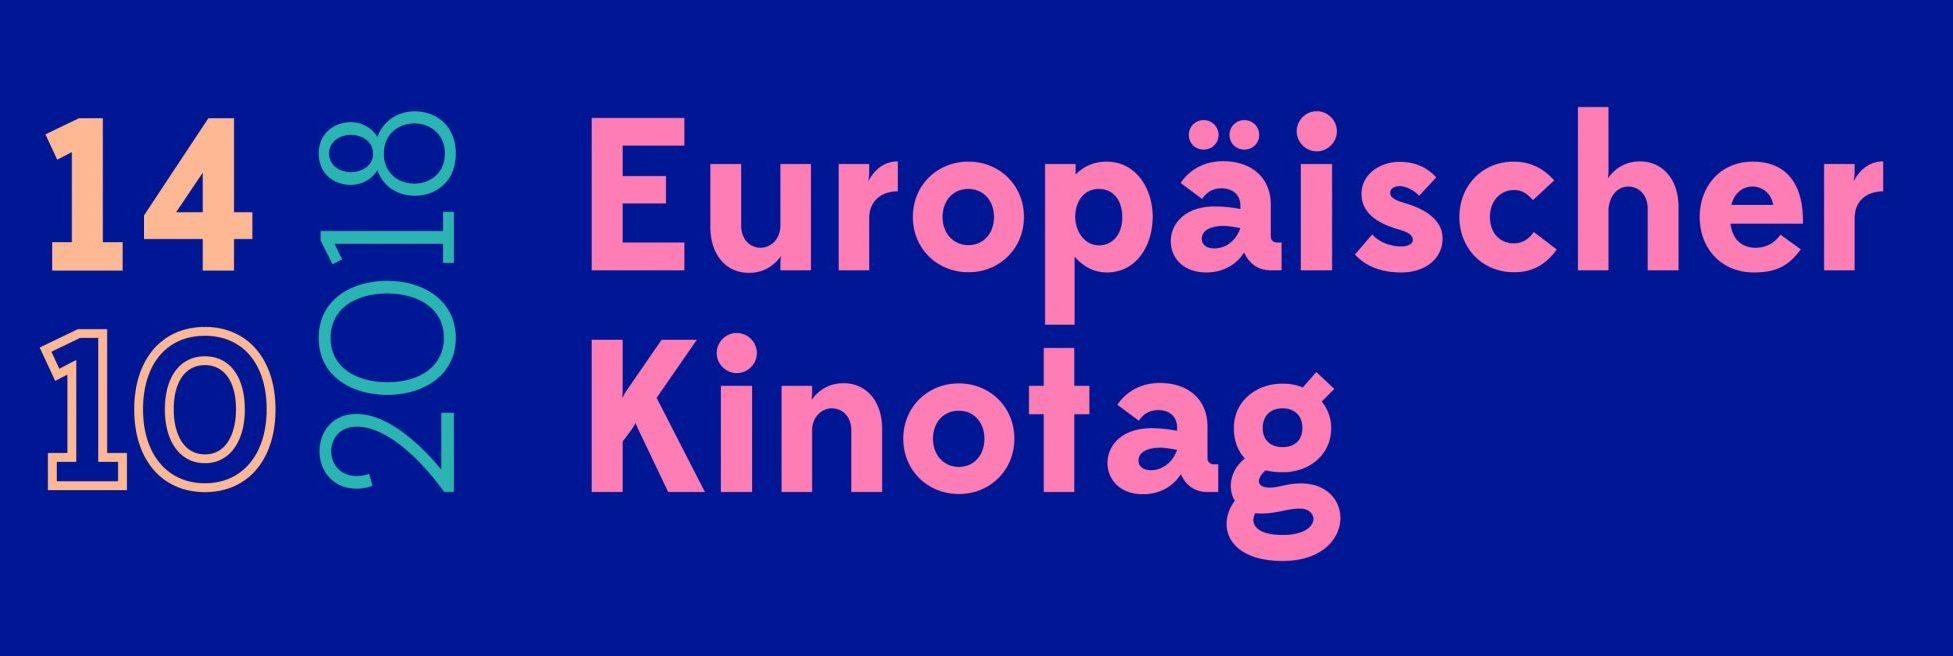 Für Europa ins Kino – Über 600 europäische Kinos setzen am 14. Oktober 2018 mit dem 3. Europäischen Kinotag ein Zeichen